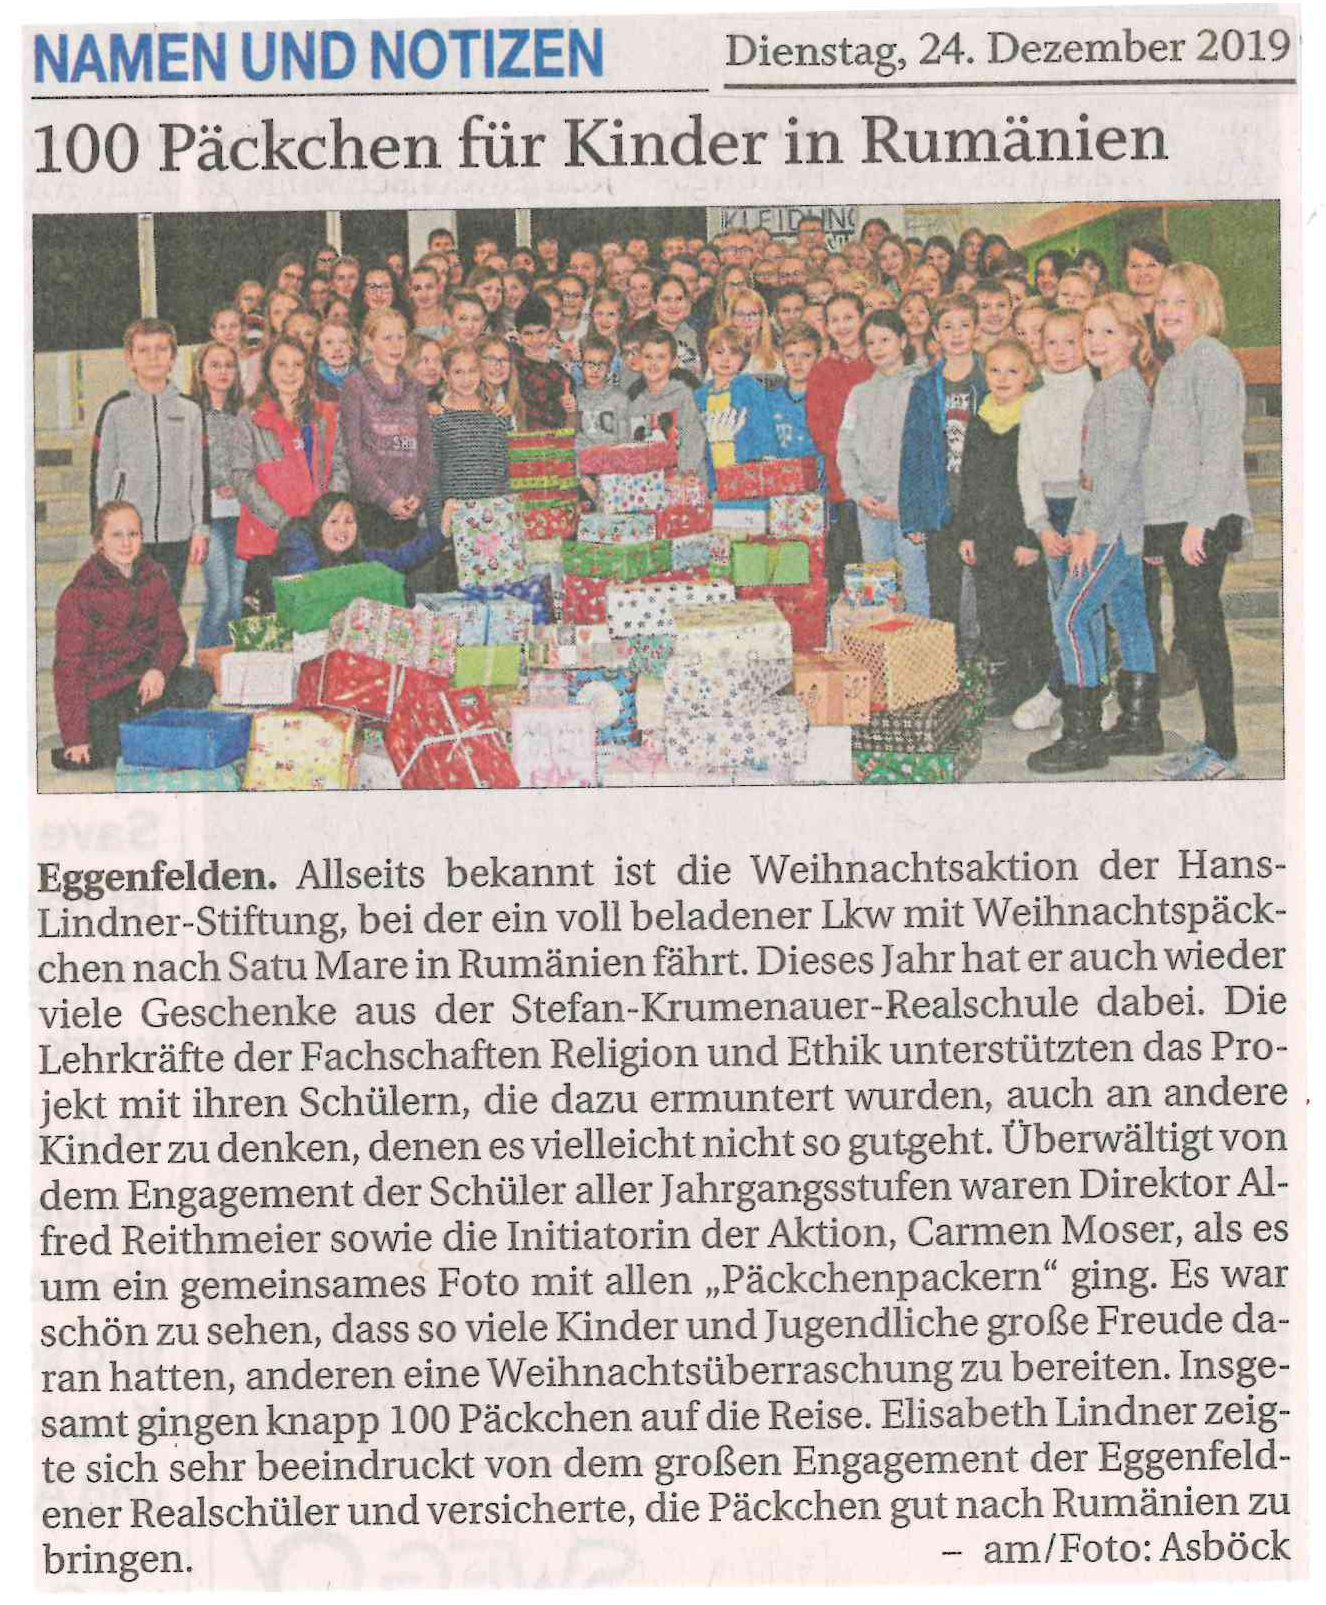 2019-12-24 - Rumänien-Weihnachtspäckchen-Aktion 2019 - Presseartikel